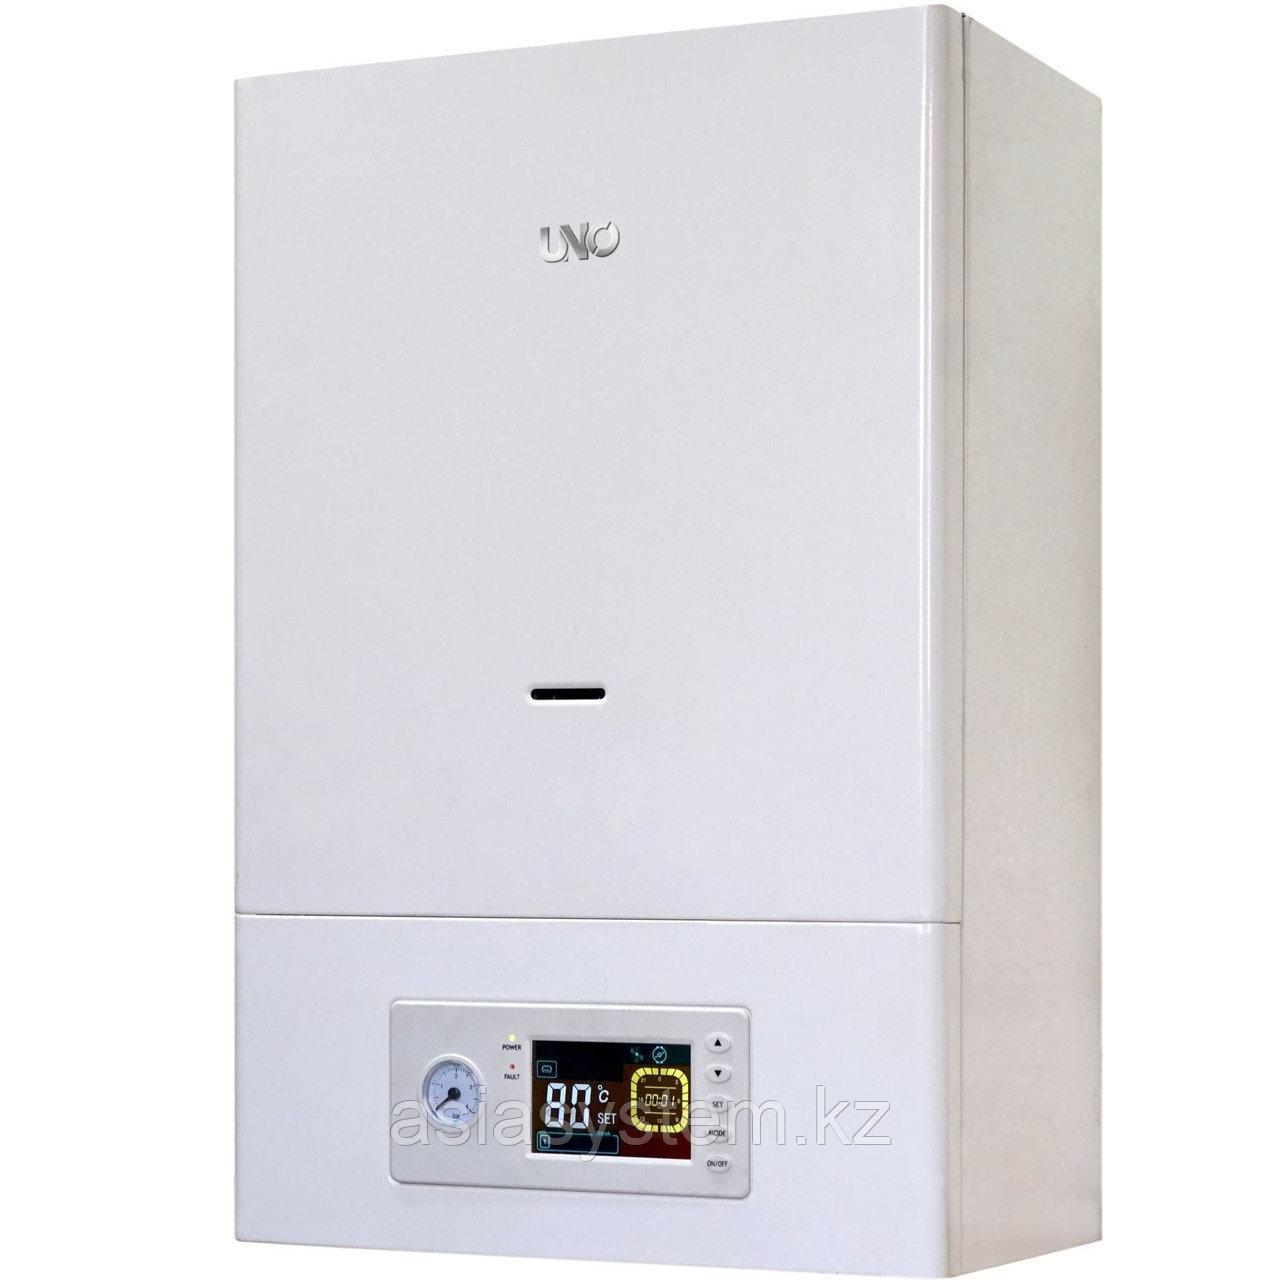 Котел газовый настенный UNO PIRO 32 кВт  до 320м²